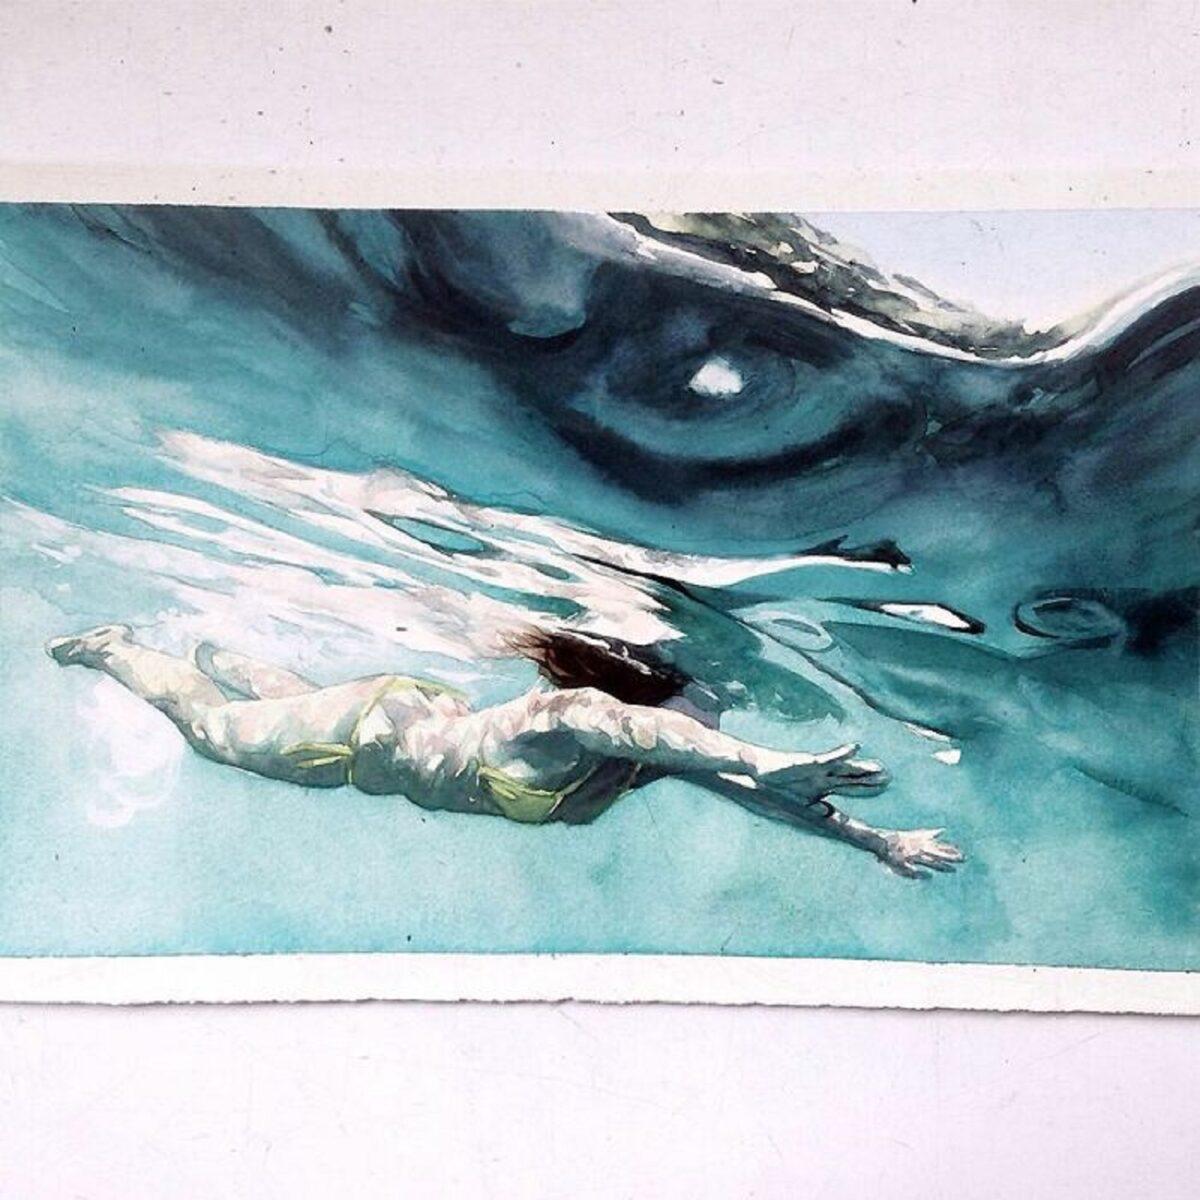 Marcos Beccari artista brasileiro retrata pessoas dentro dagua em incriveis pinturas aquarelas 13